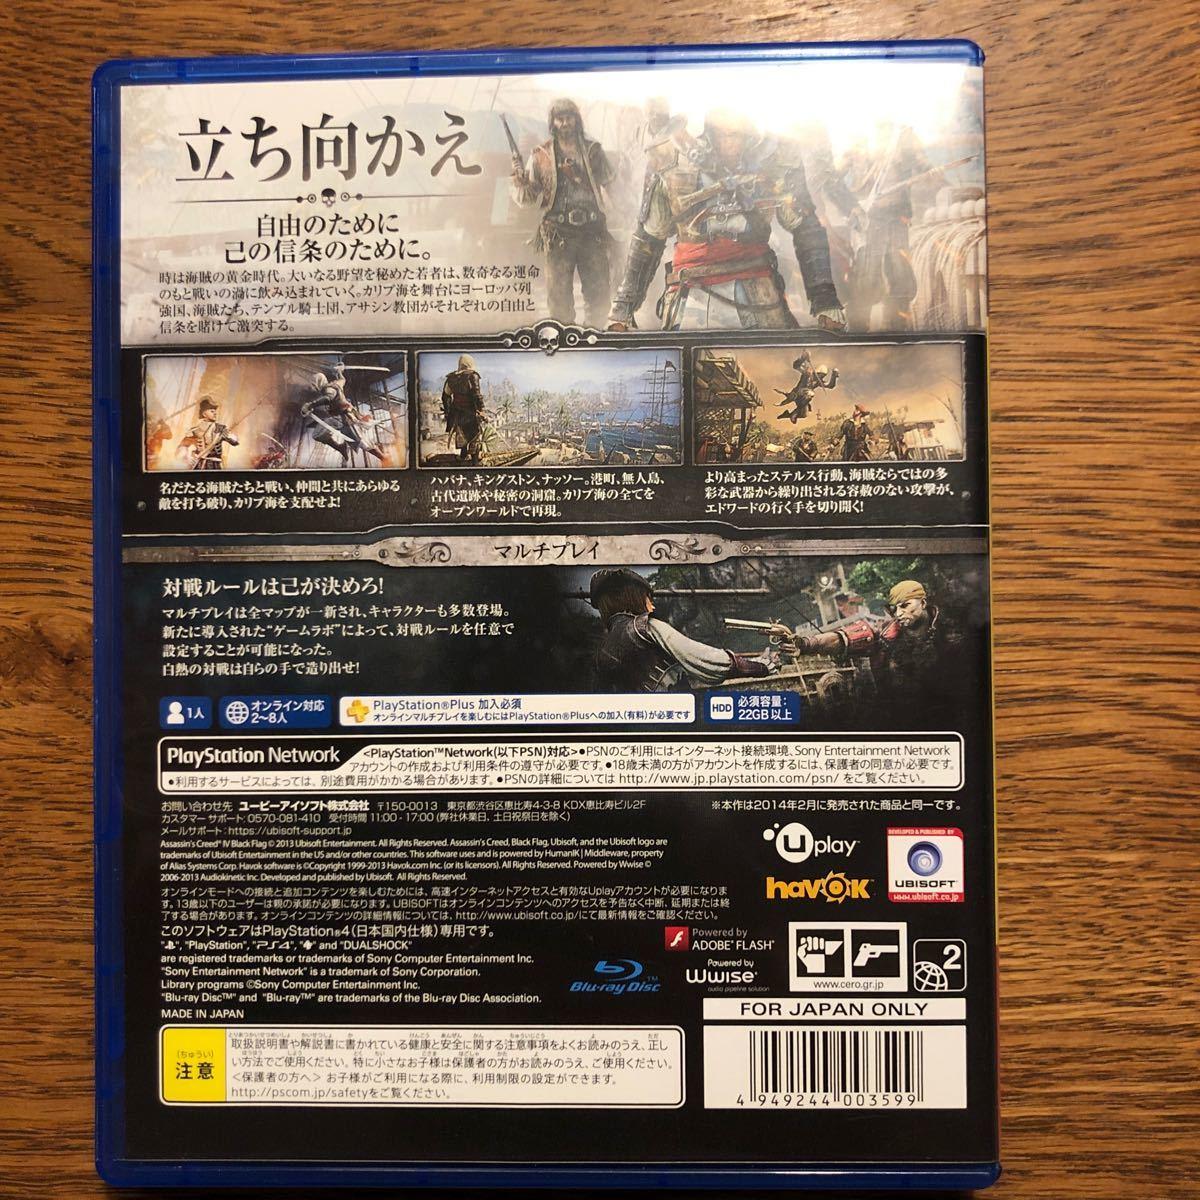 【PS4】 アサシン クリード4 ブラック フラッグ [ユービーアイ・ザ・ベスト]